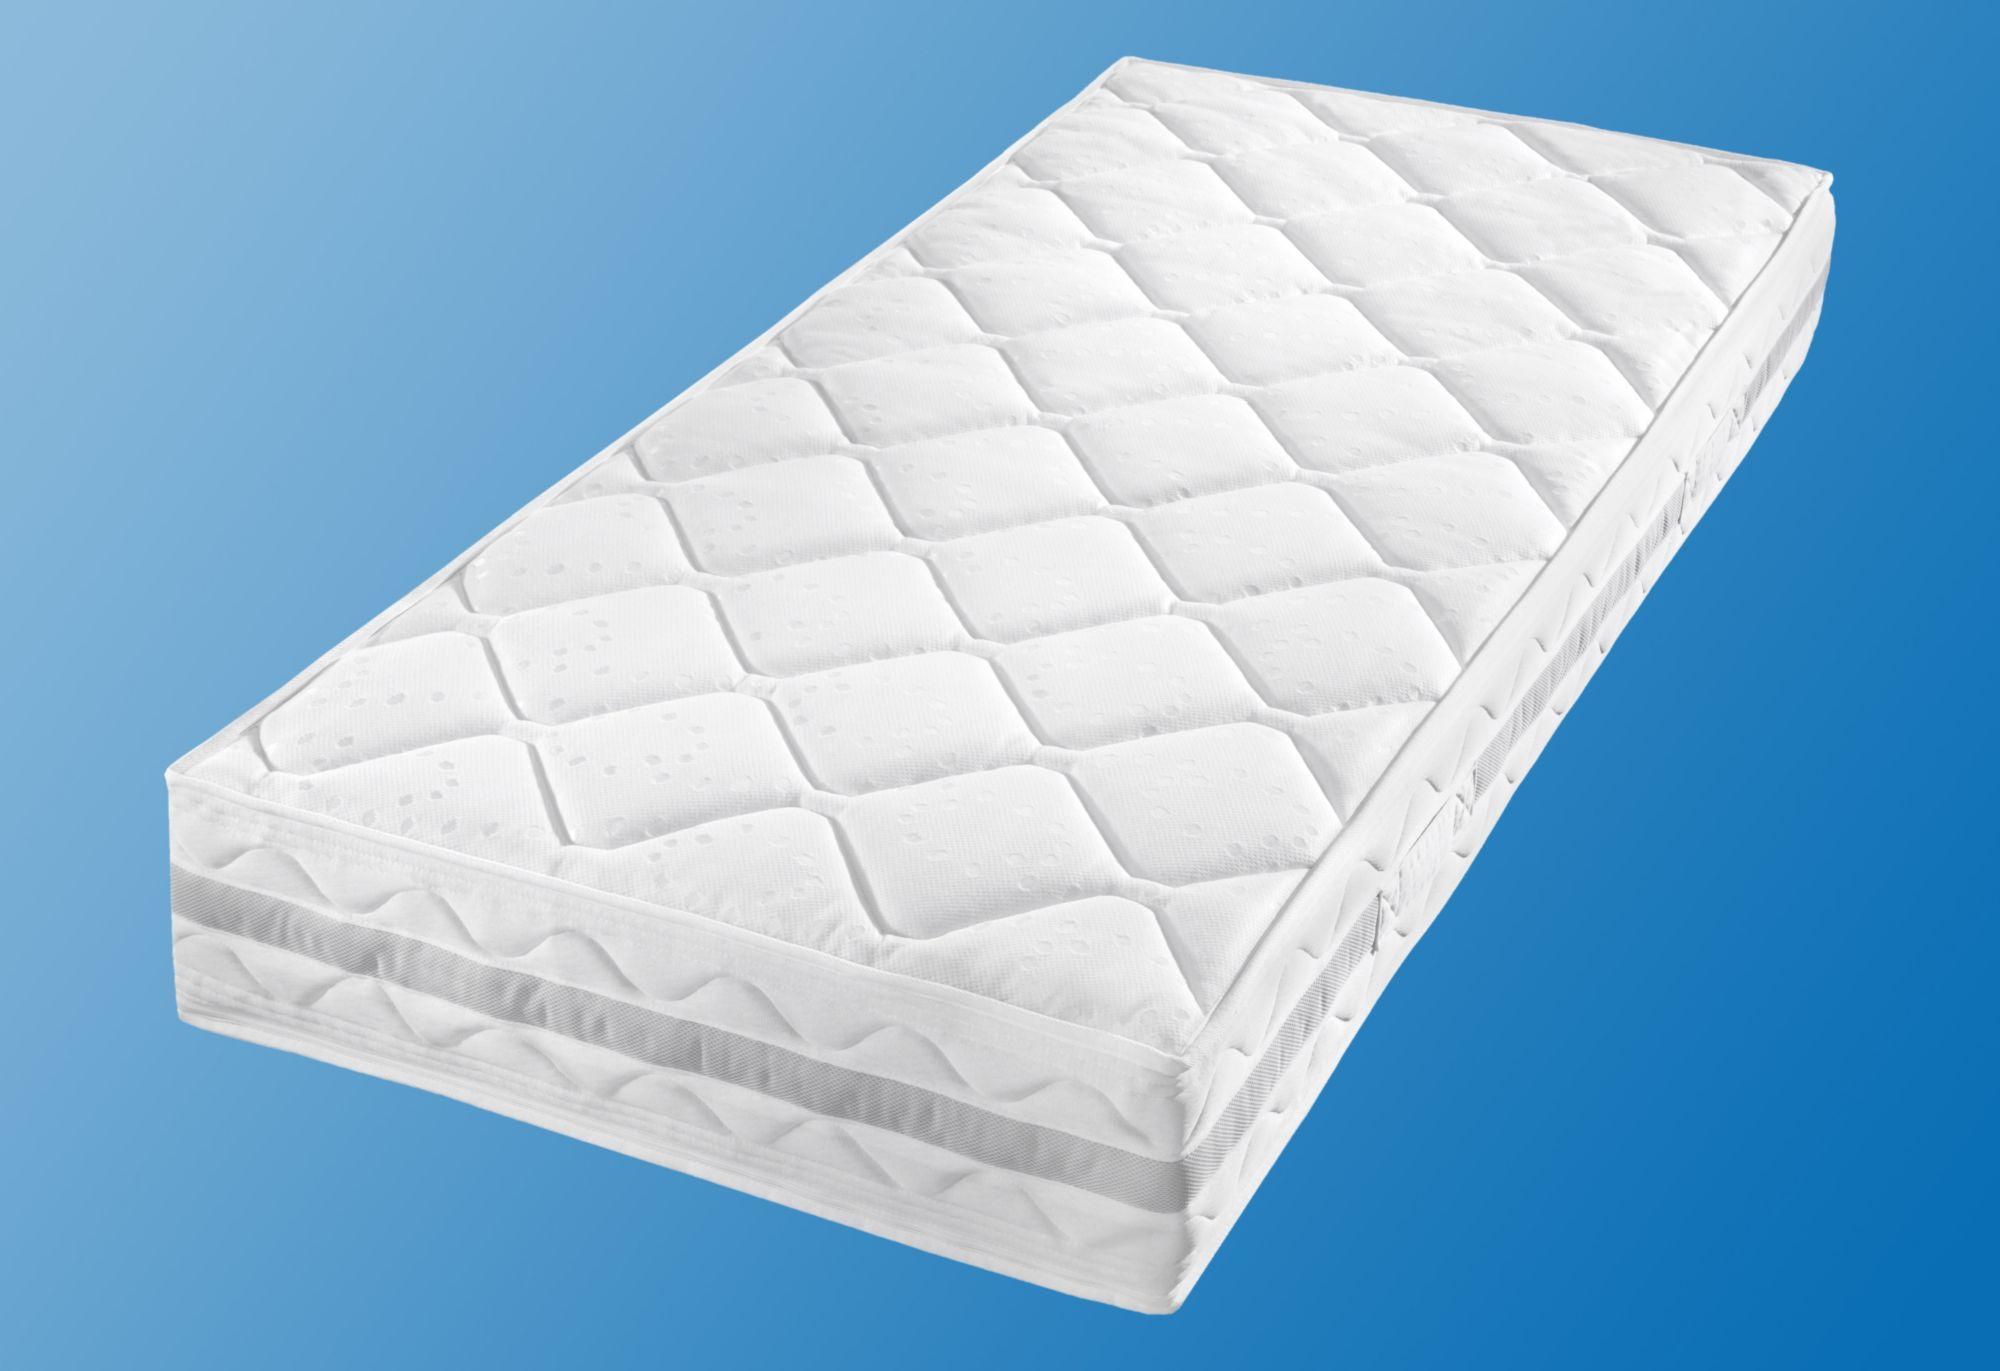 gelschaum taschenfederkernmatratze gelschaum komfort tfk breckle schwab versand. Black Bedroom Furniture Sets. Home Design Ideas